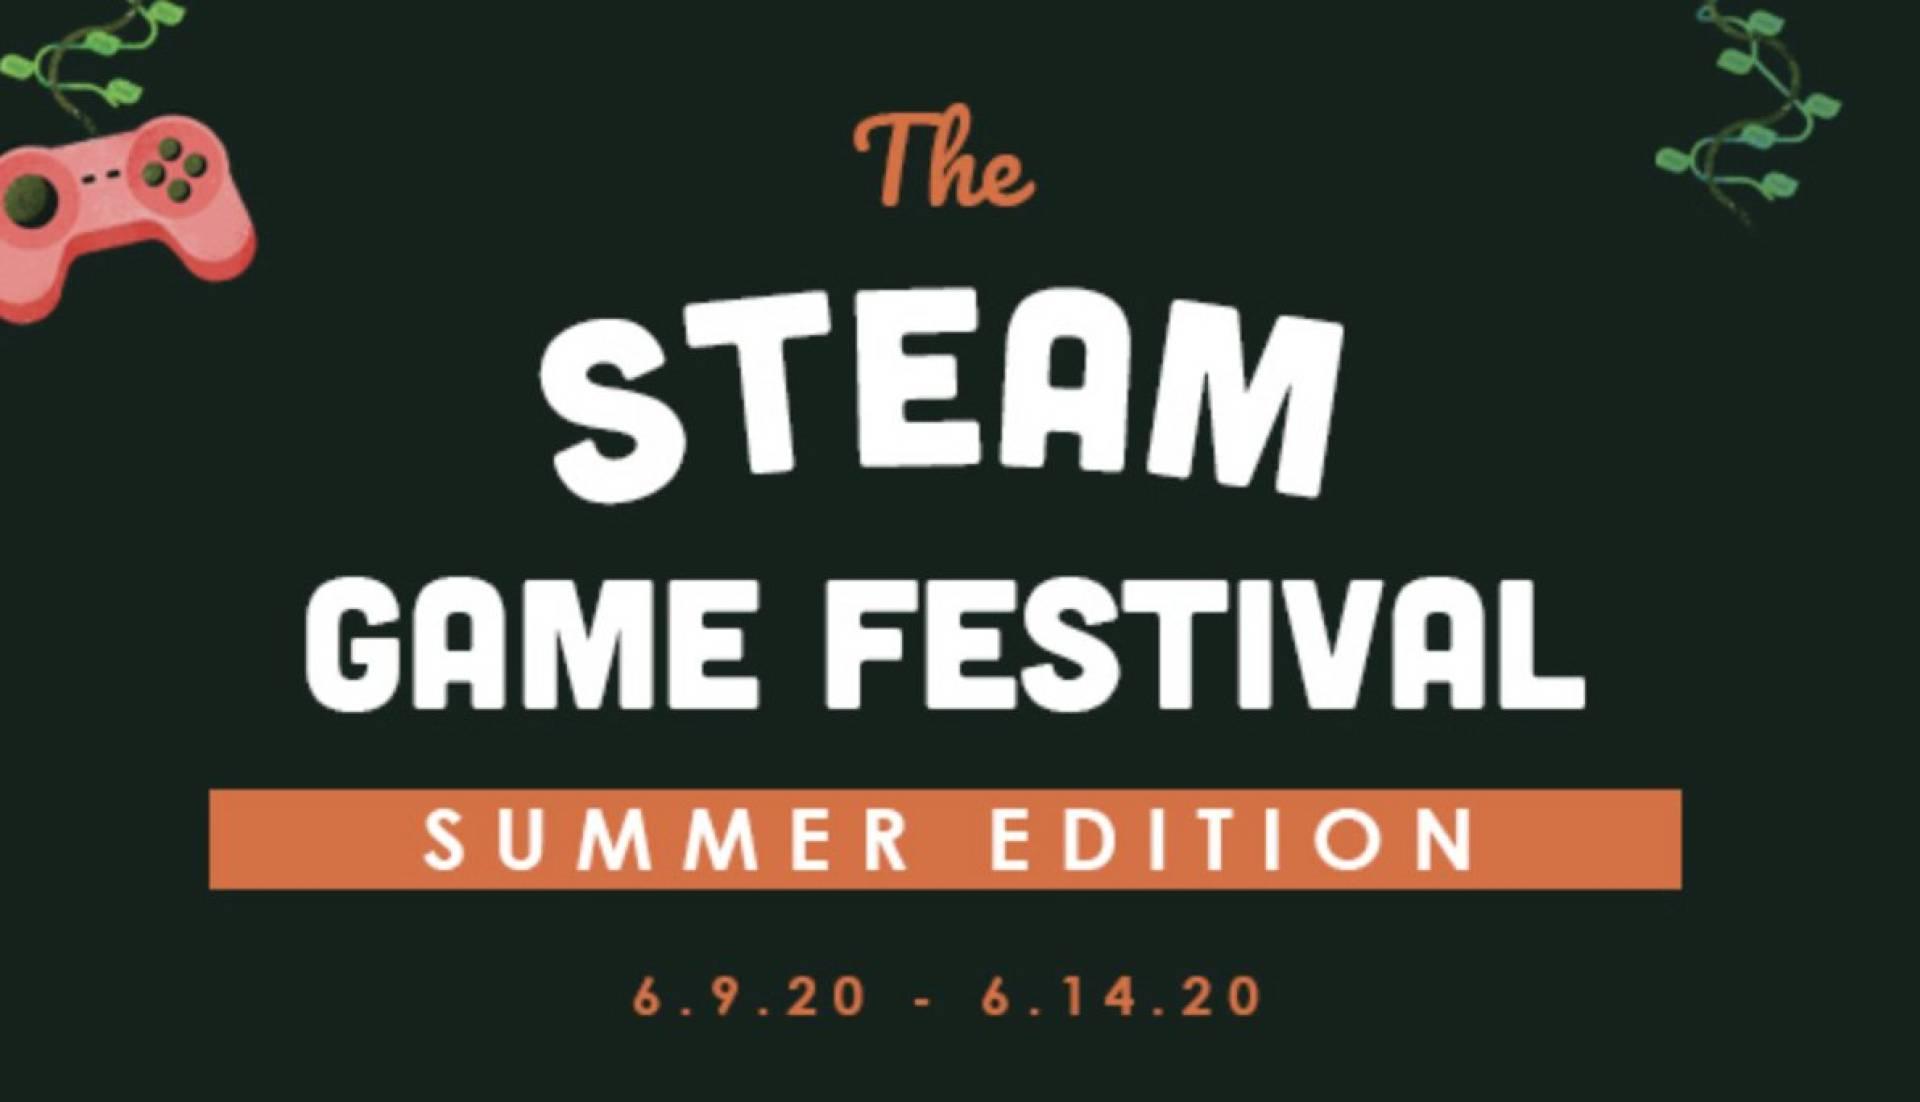 Torna lo Steam Game Festival con tanti nuovi giochi e demo da provare thumbnail